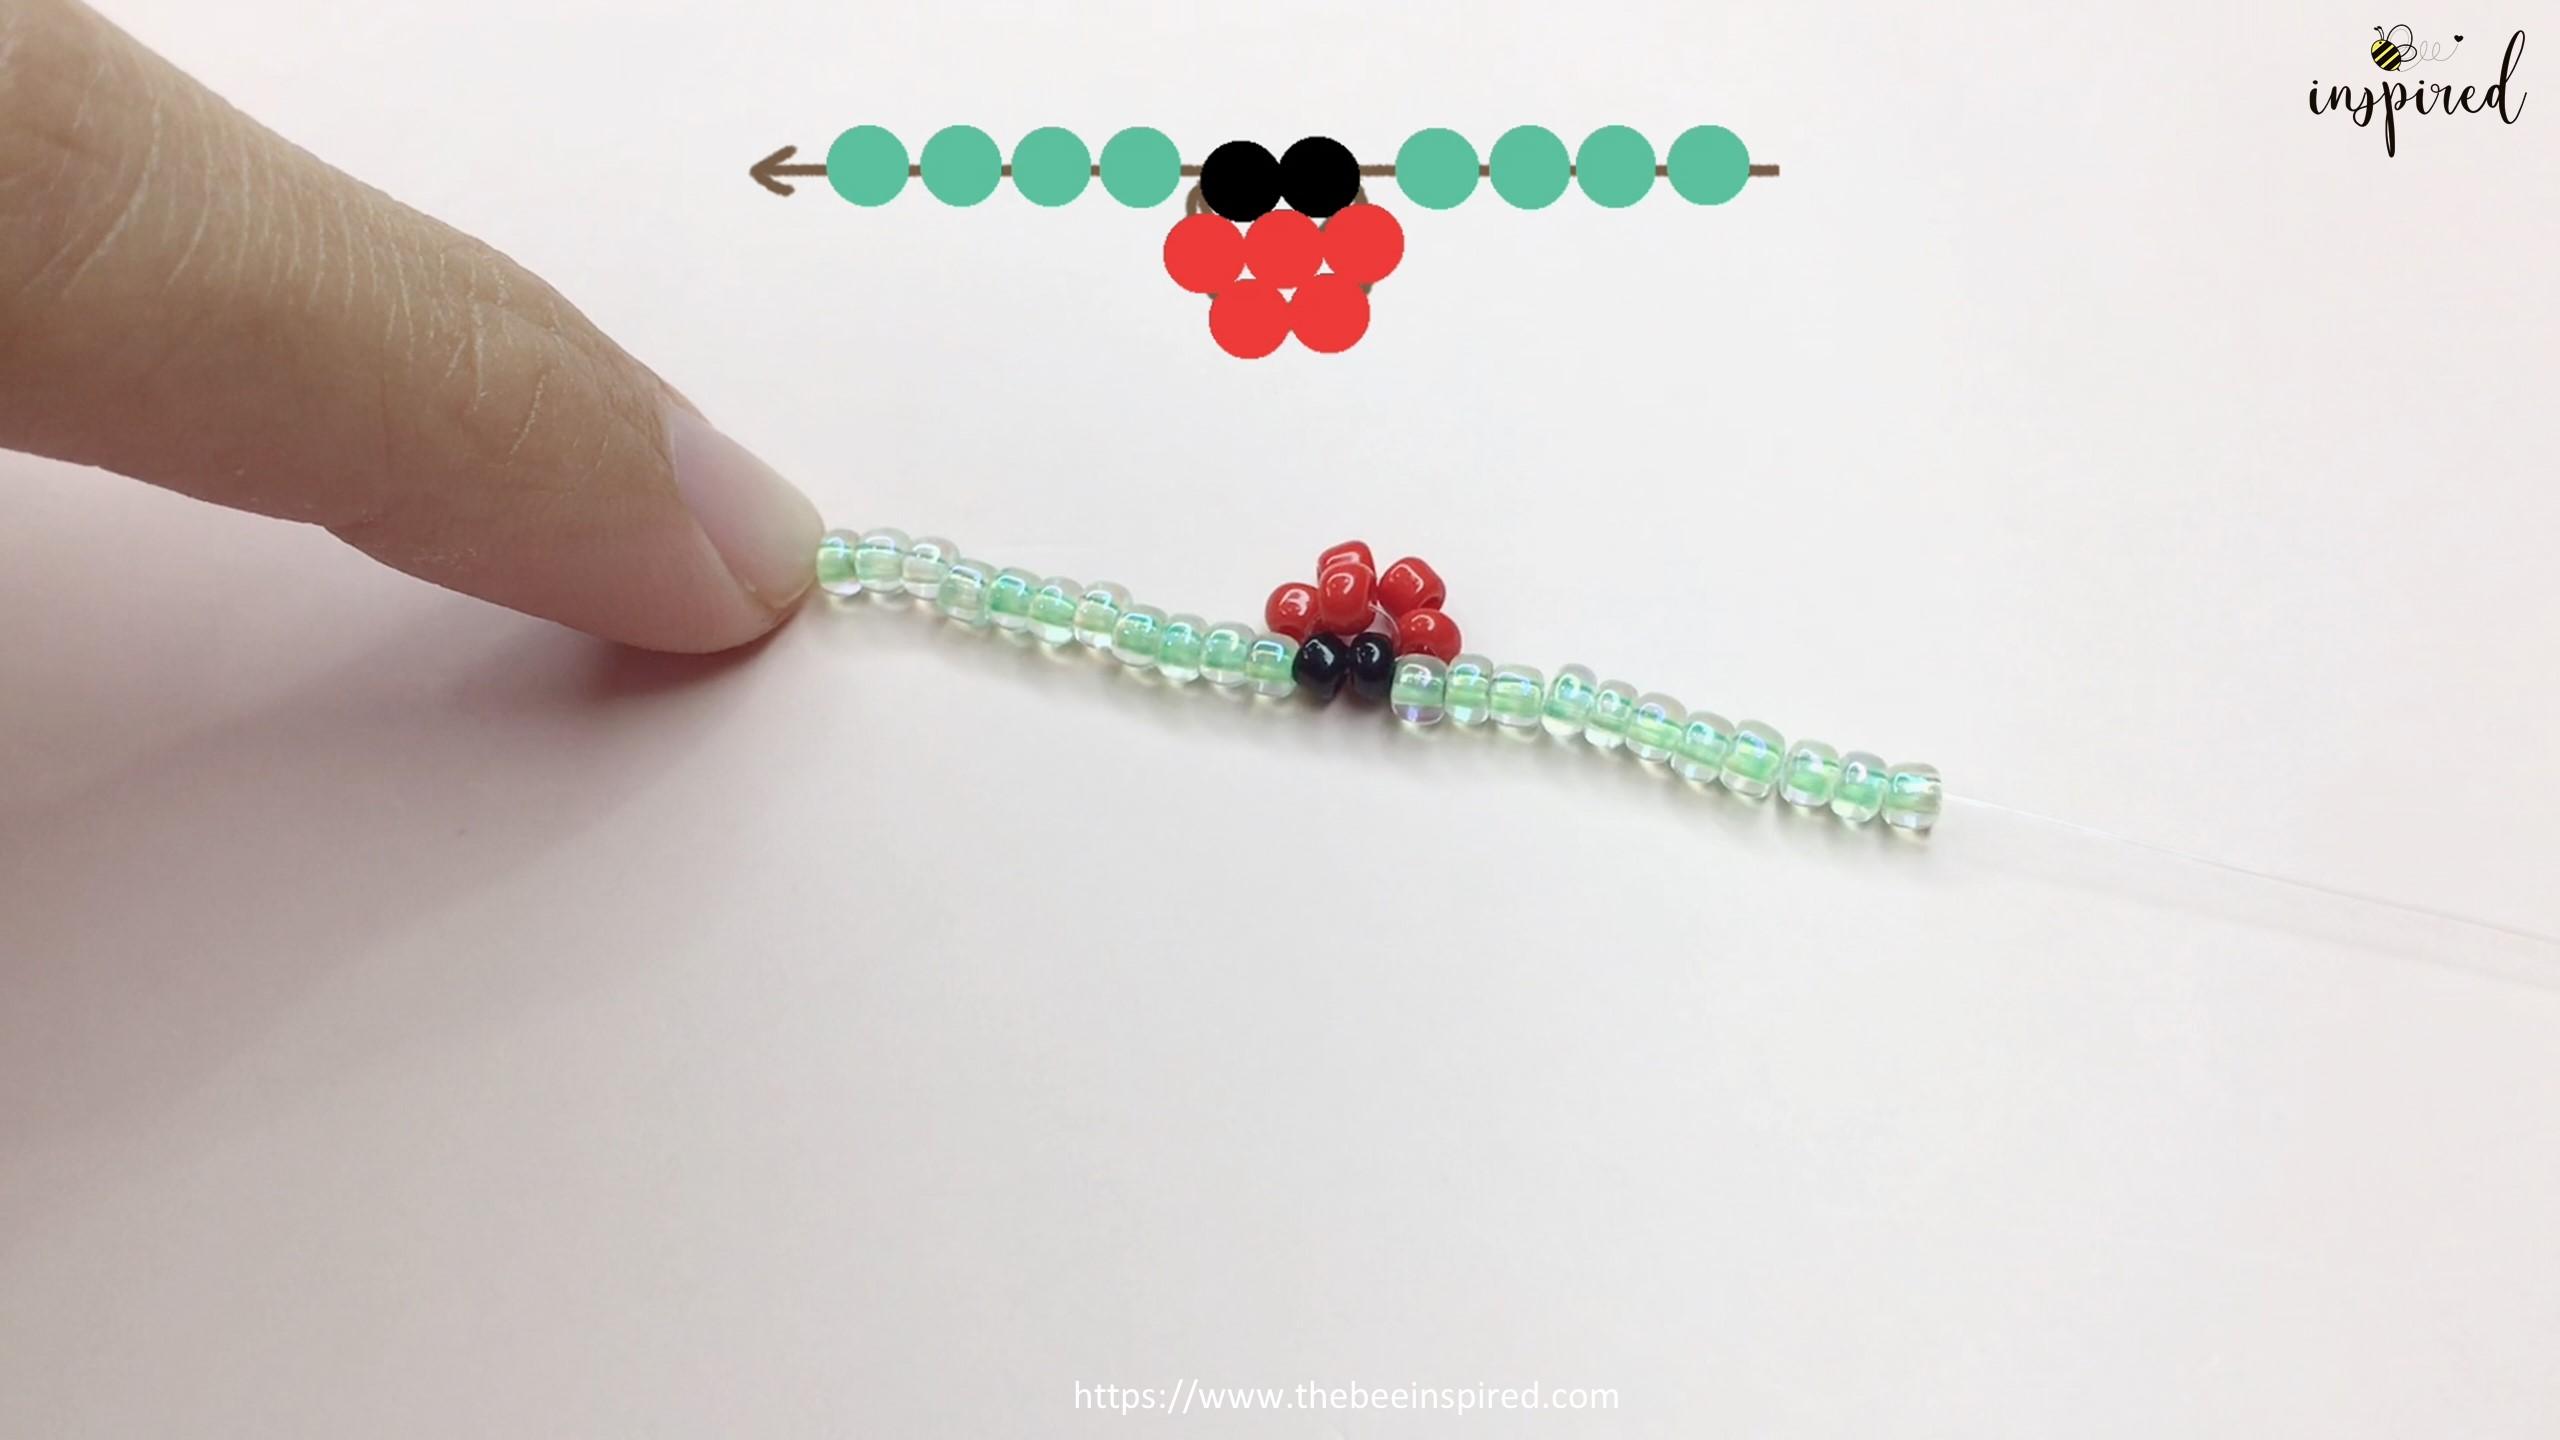 วิธีร้อยแหวนลูกปัดเต่าทอง ง่ายๆ สไตล์เกาหลี - How to Make Ladybug Beaded Ring_10